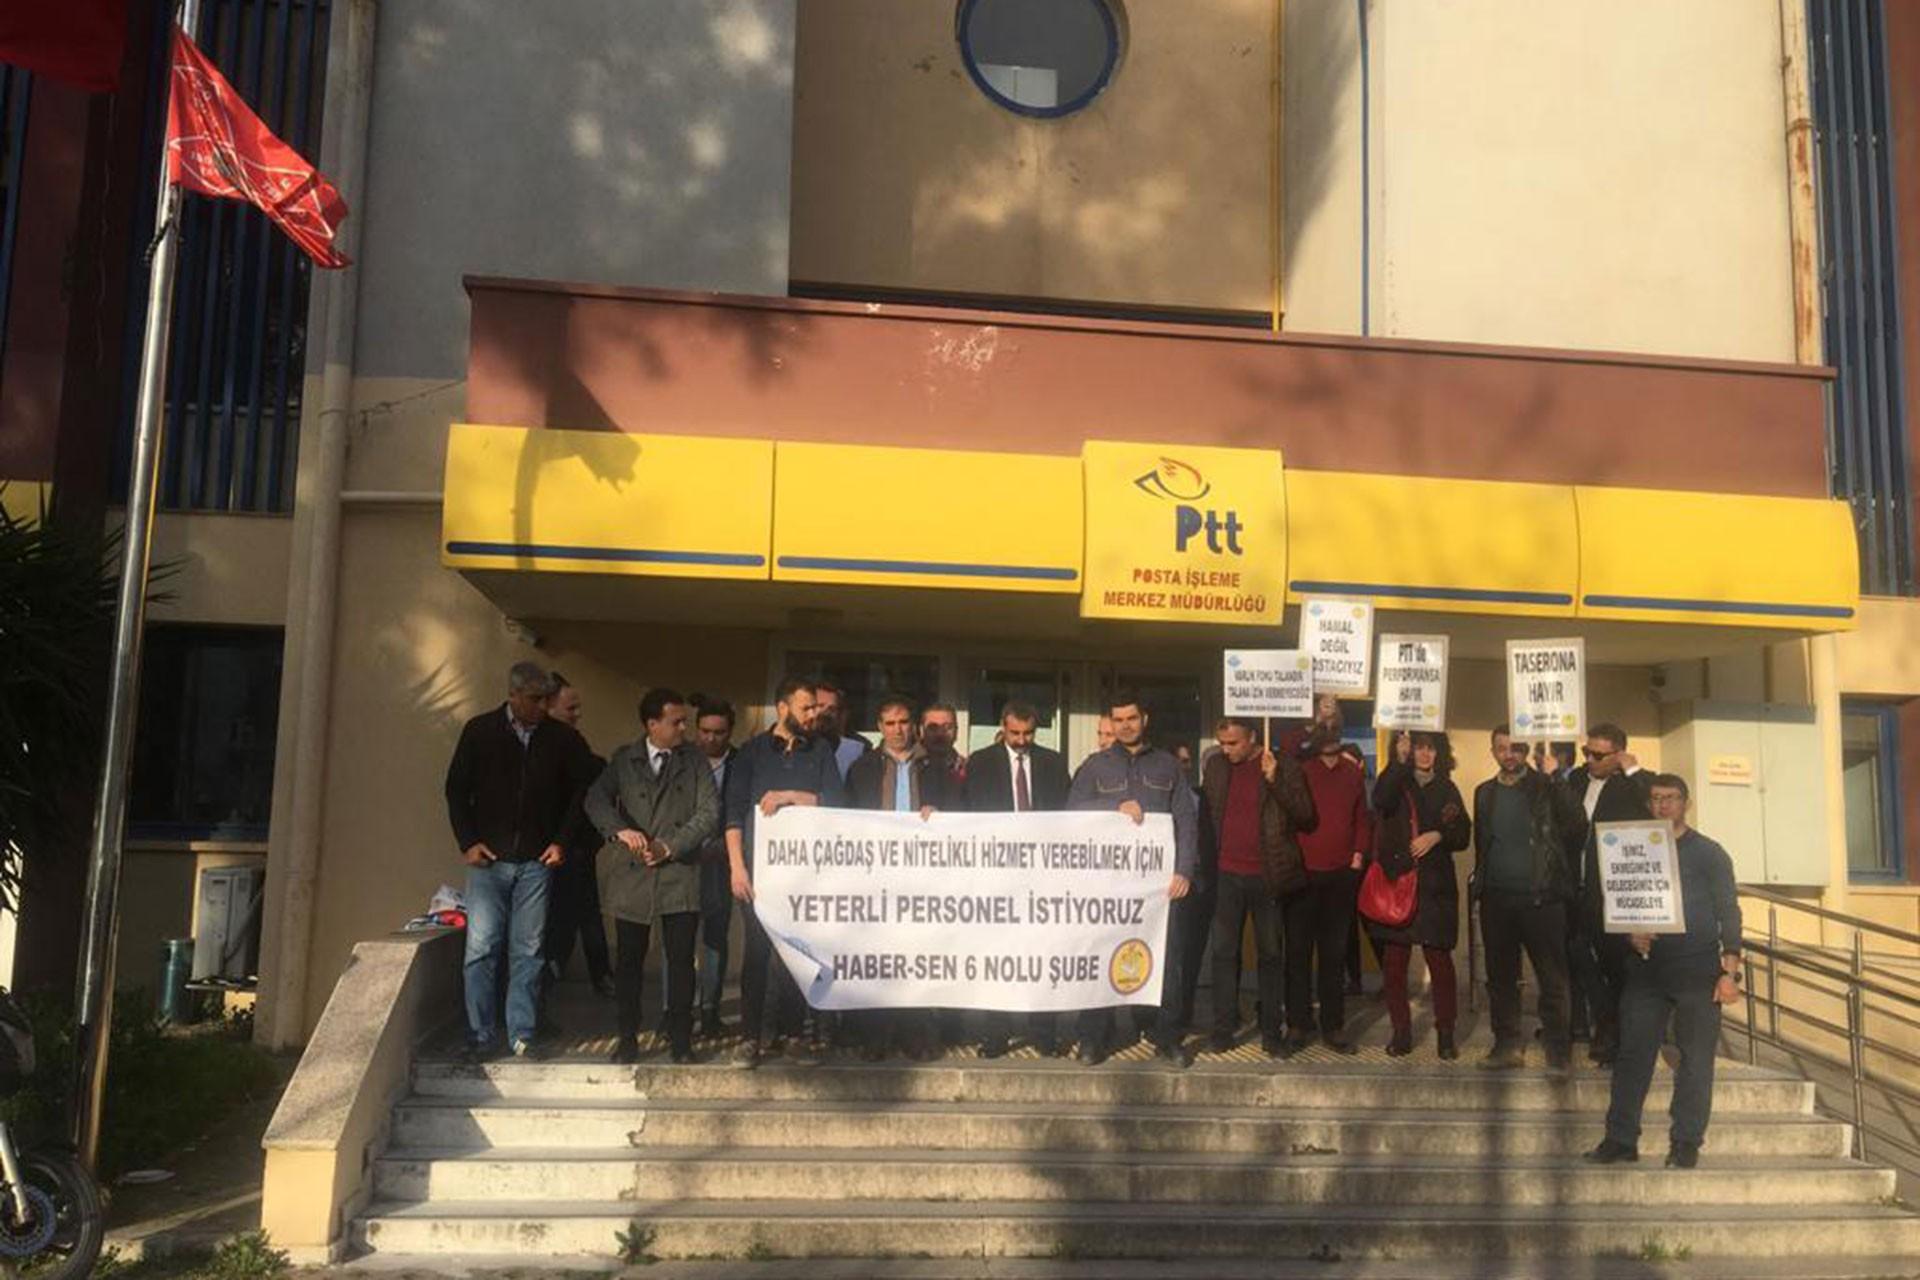 Haber Sen İzmir Şubesi personel eksikliğinin giderilmesi için PTT merkez dağıtım müdürlüğü önünde açıklama yaparken